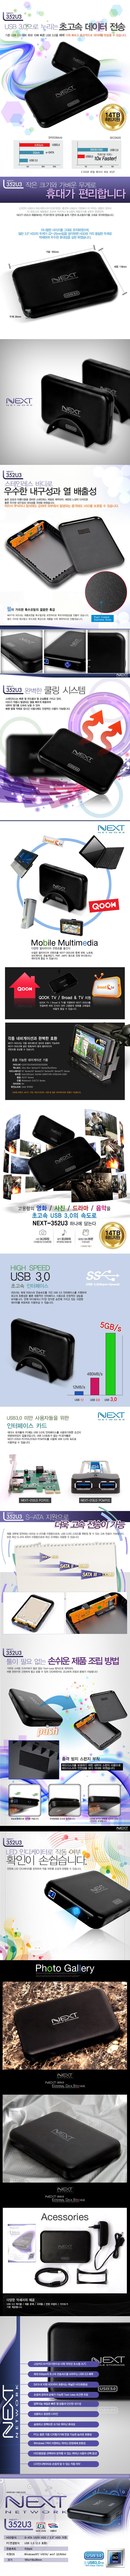 이지넷유비쿼터스 넥스트 NEXT-352U3 (14TB)